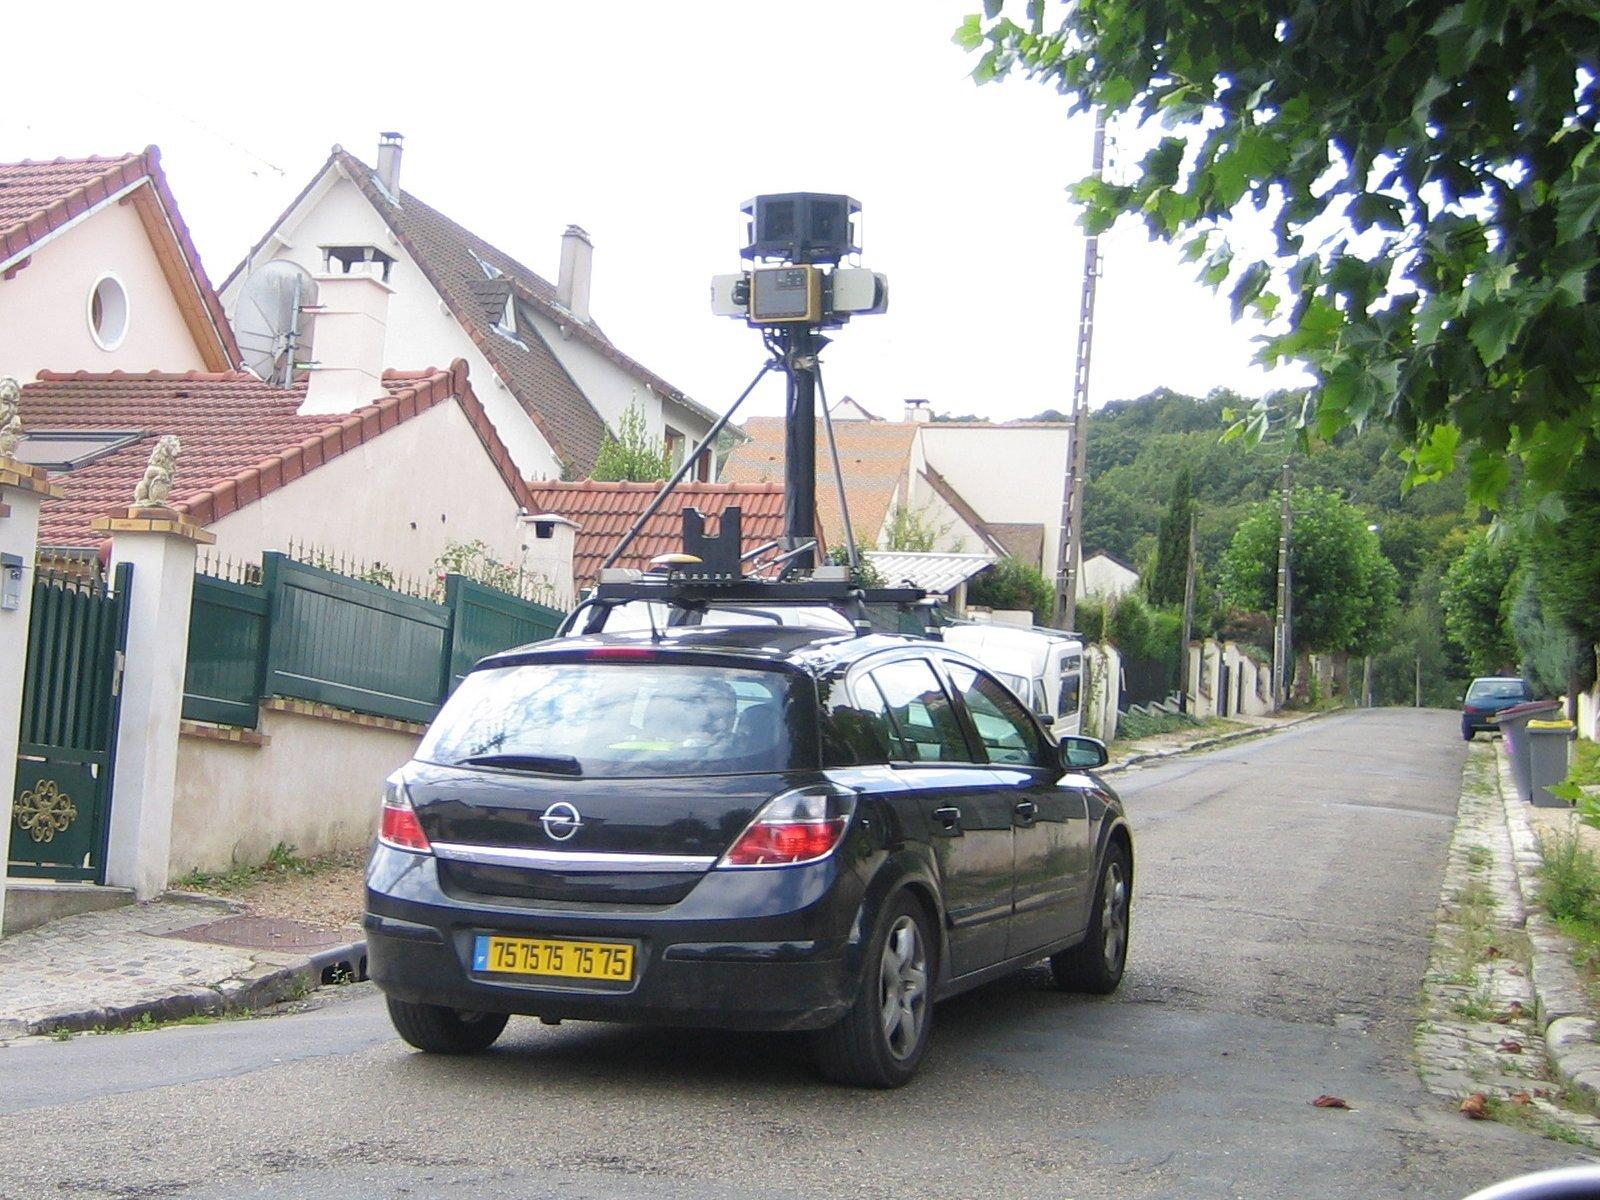 Une Voiture Photographeuse Ou Google Car